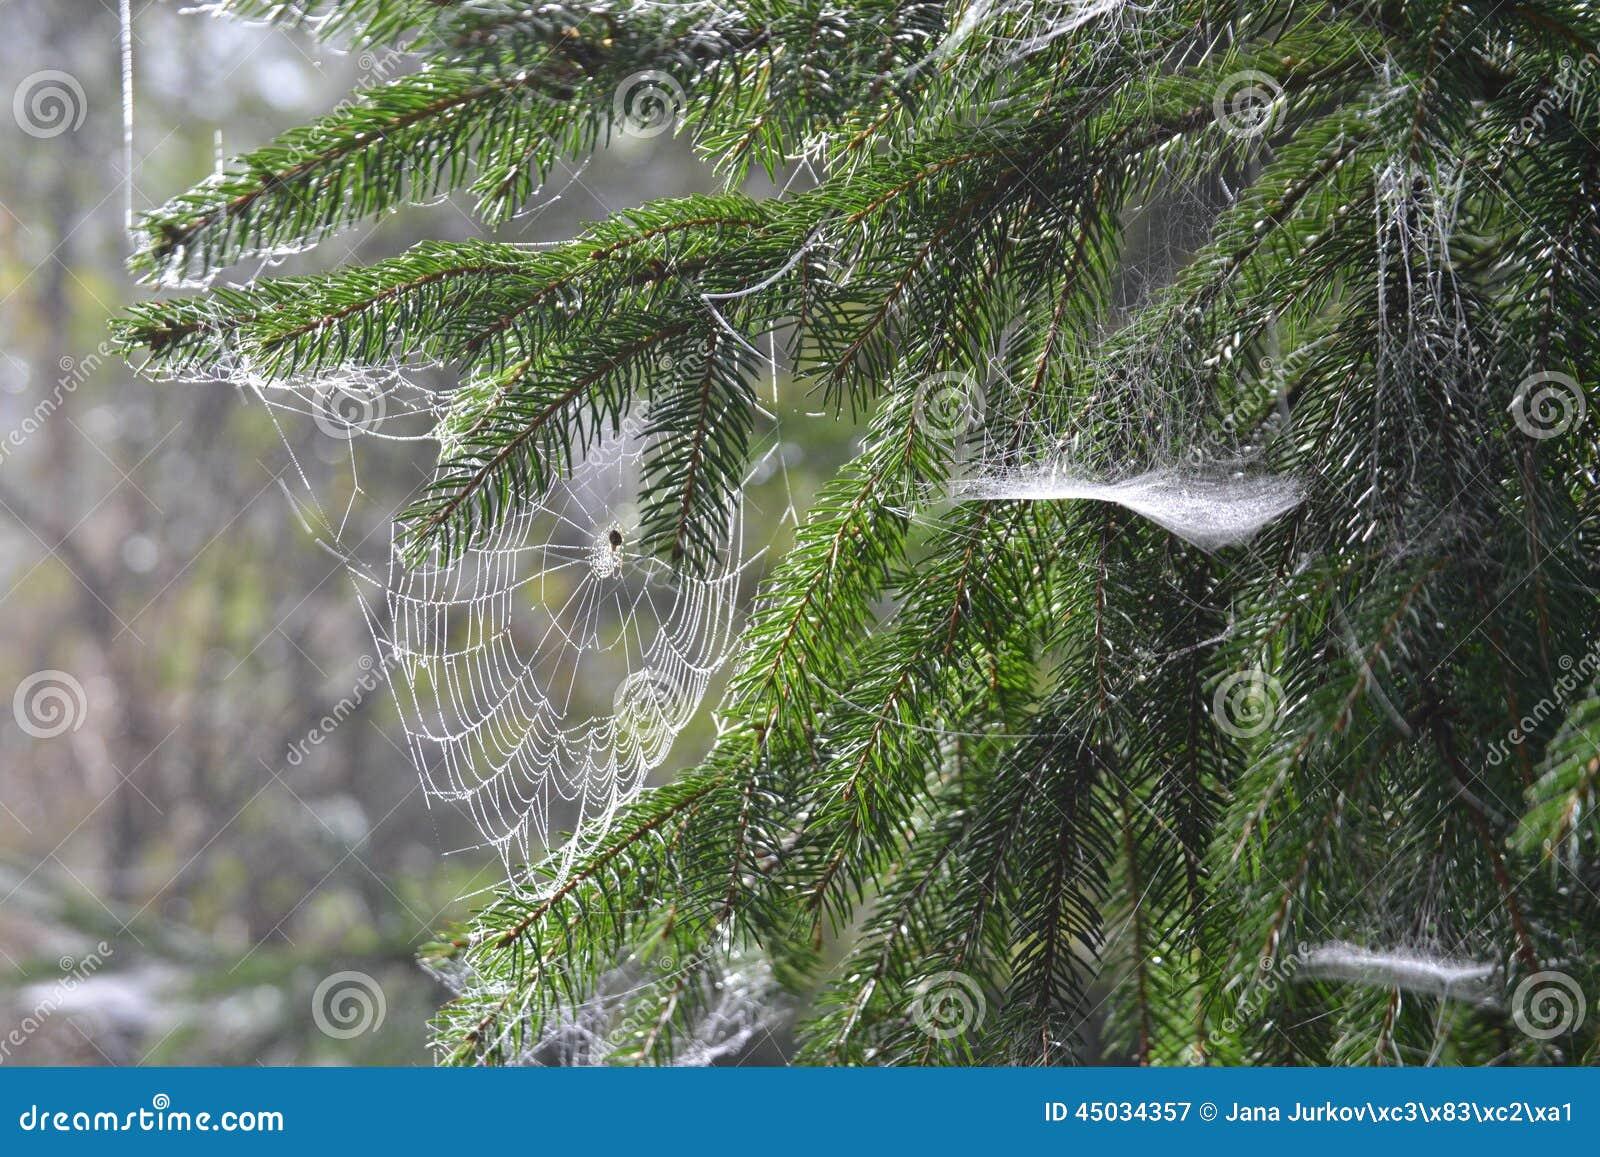 Web, detail